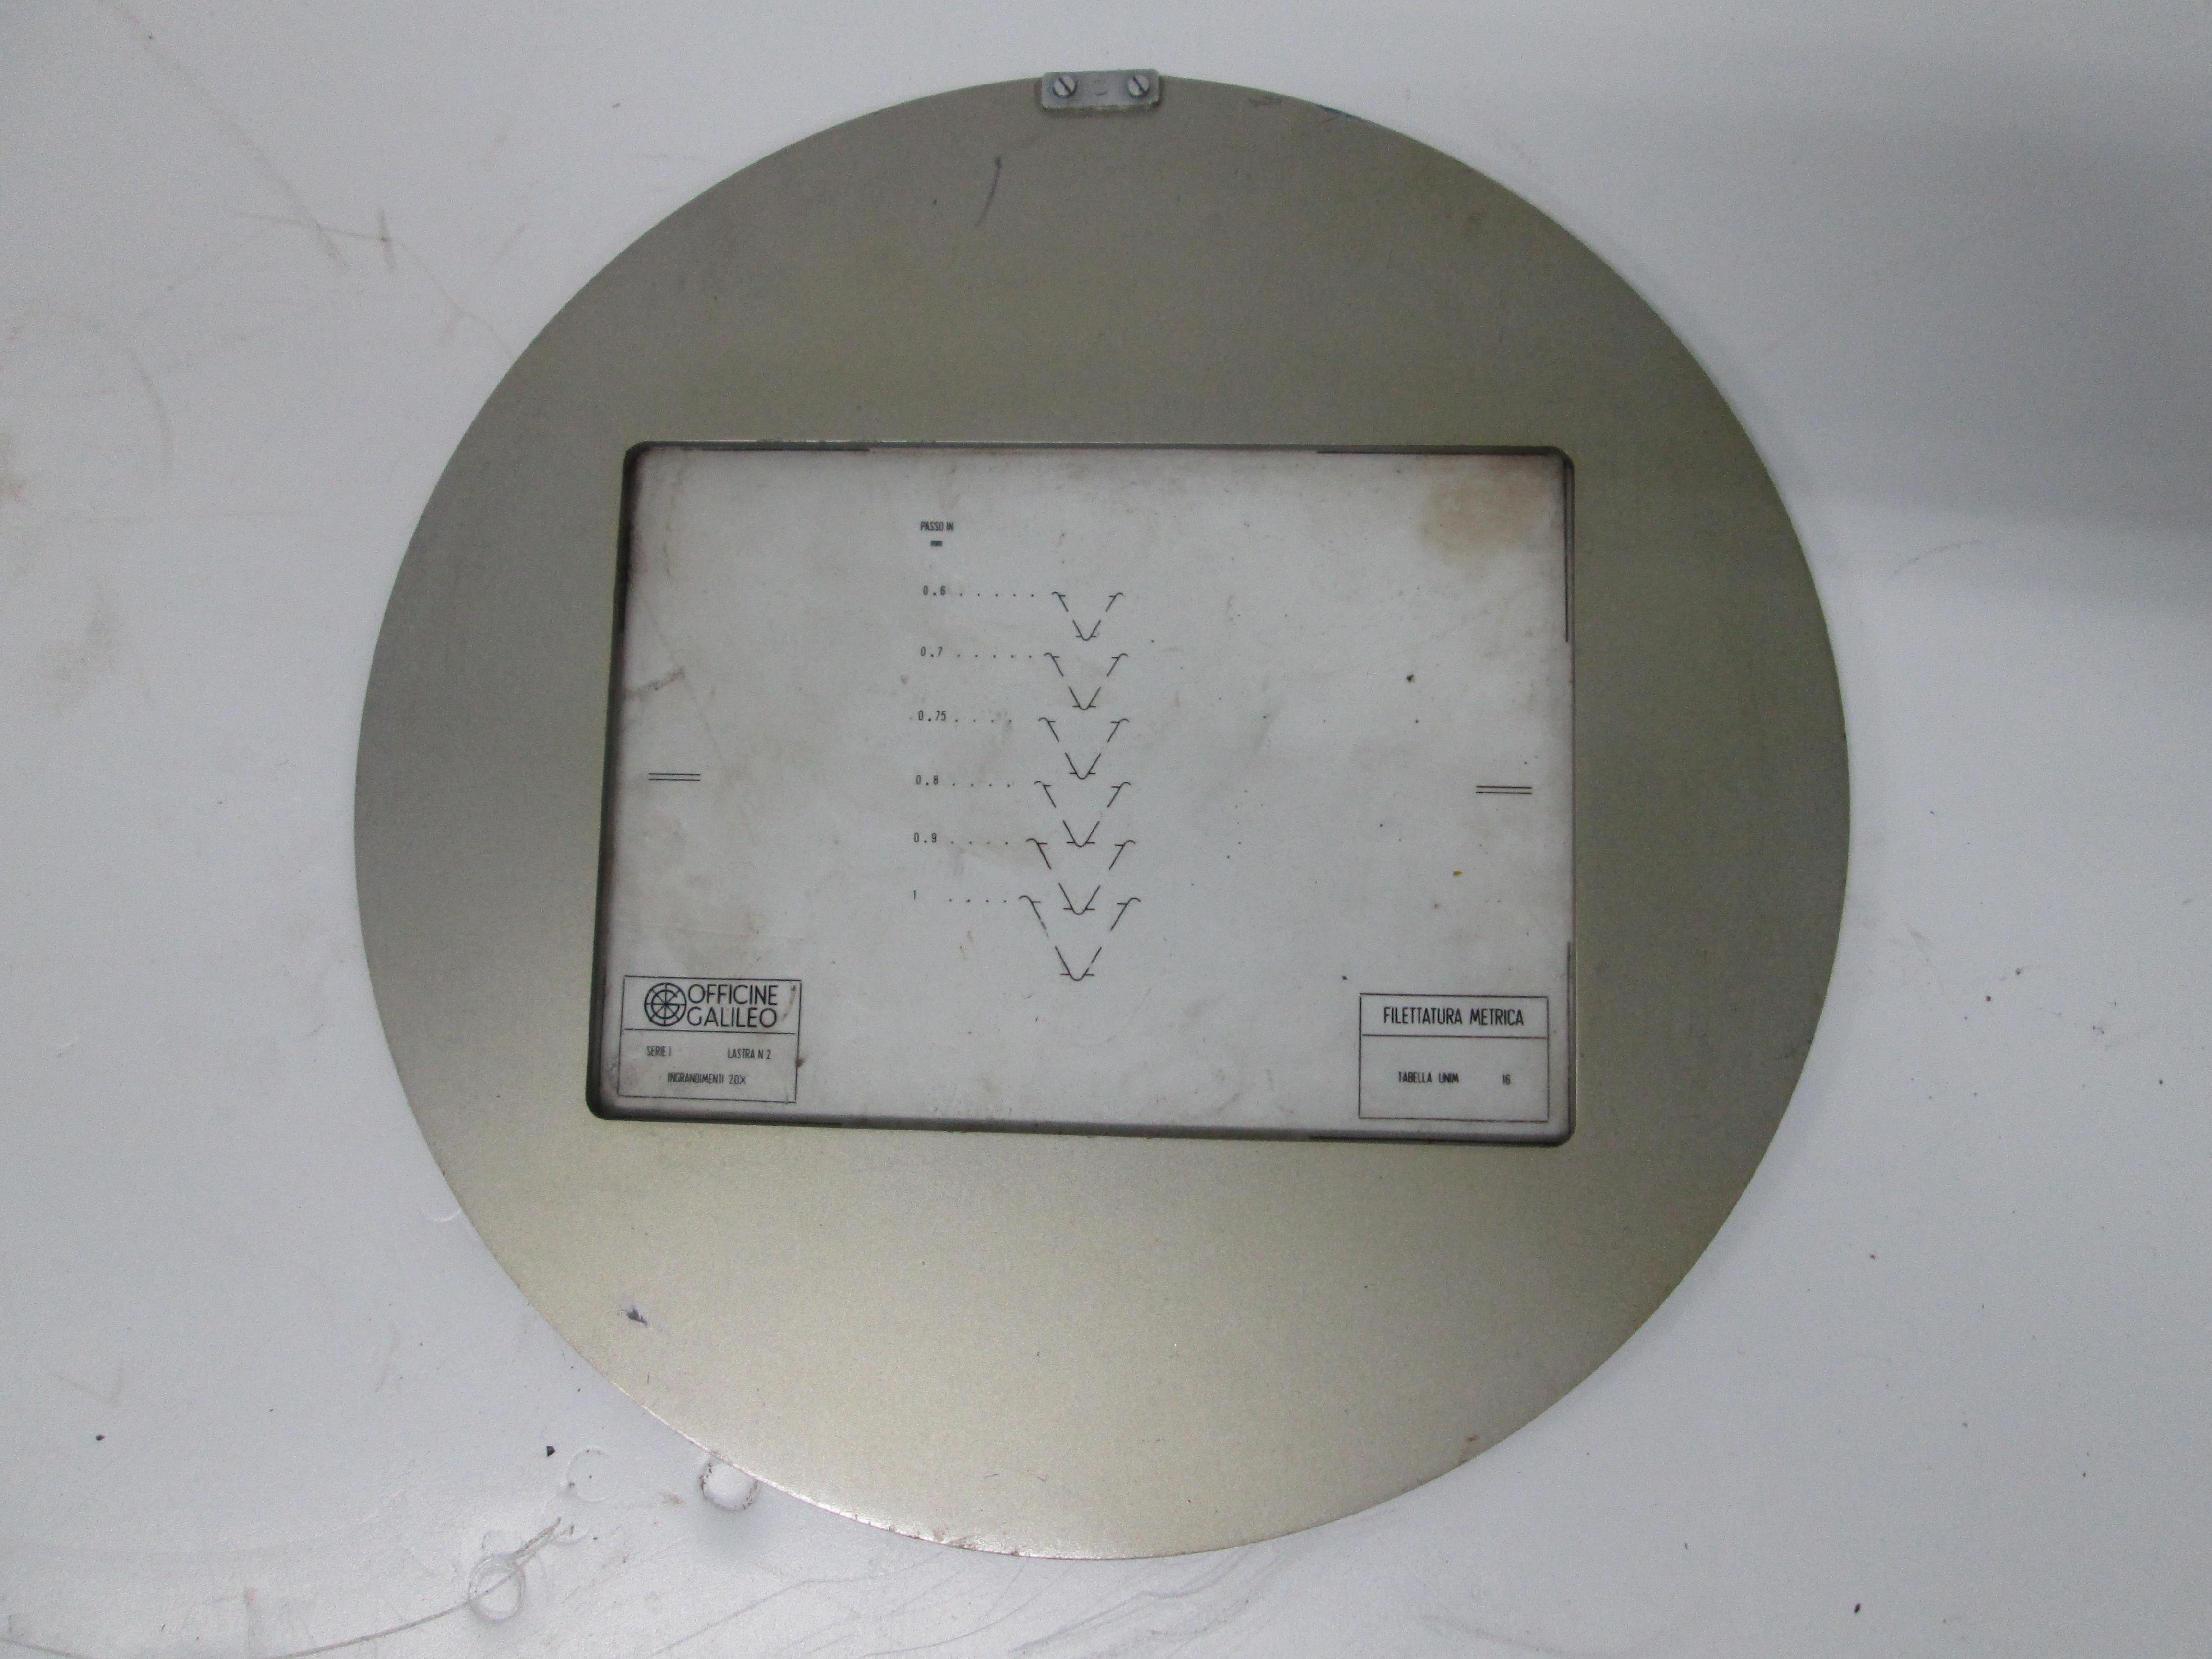 Discos medidores para roscas o tuercas